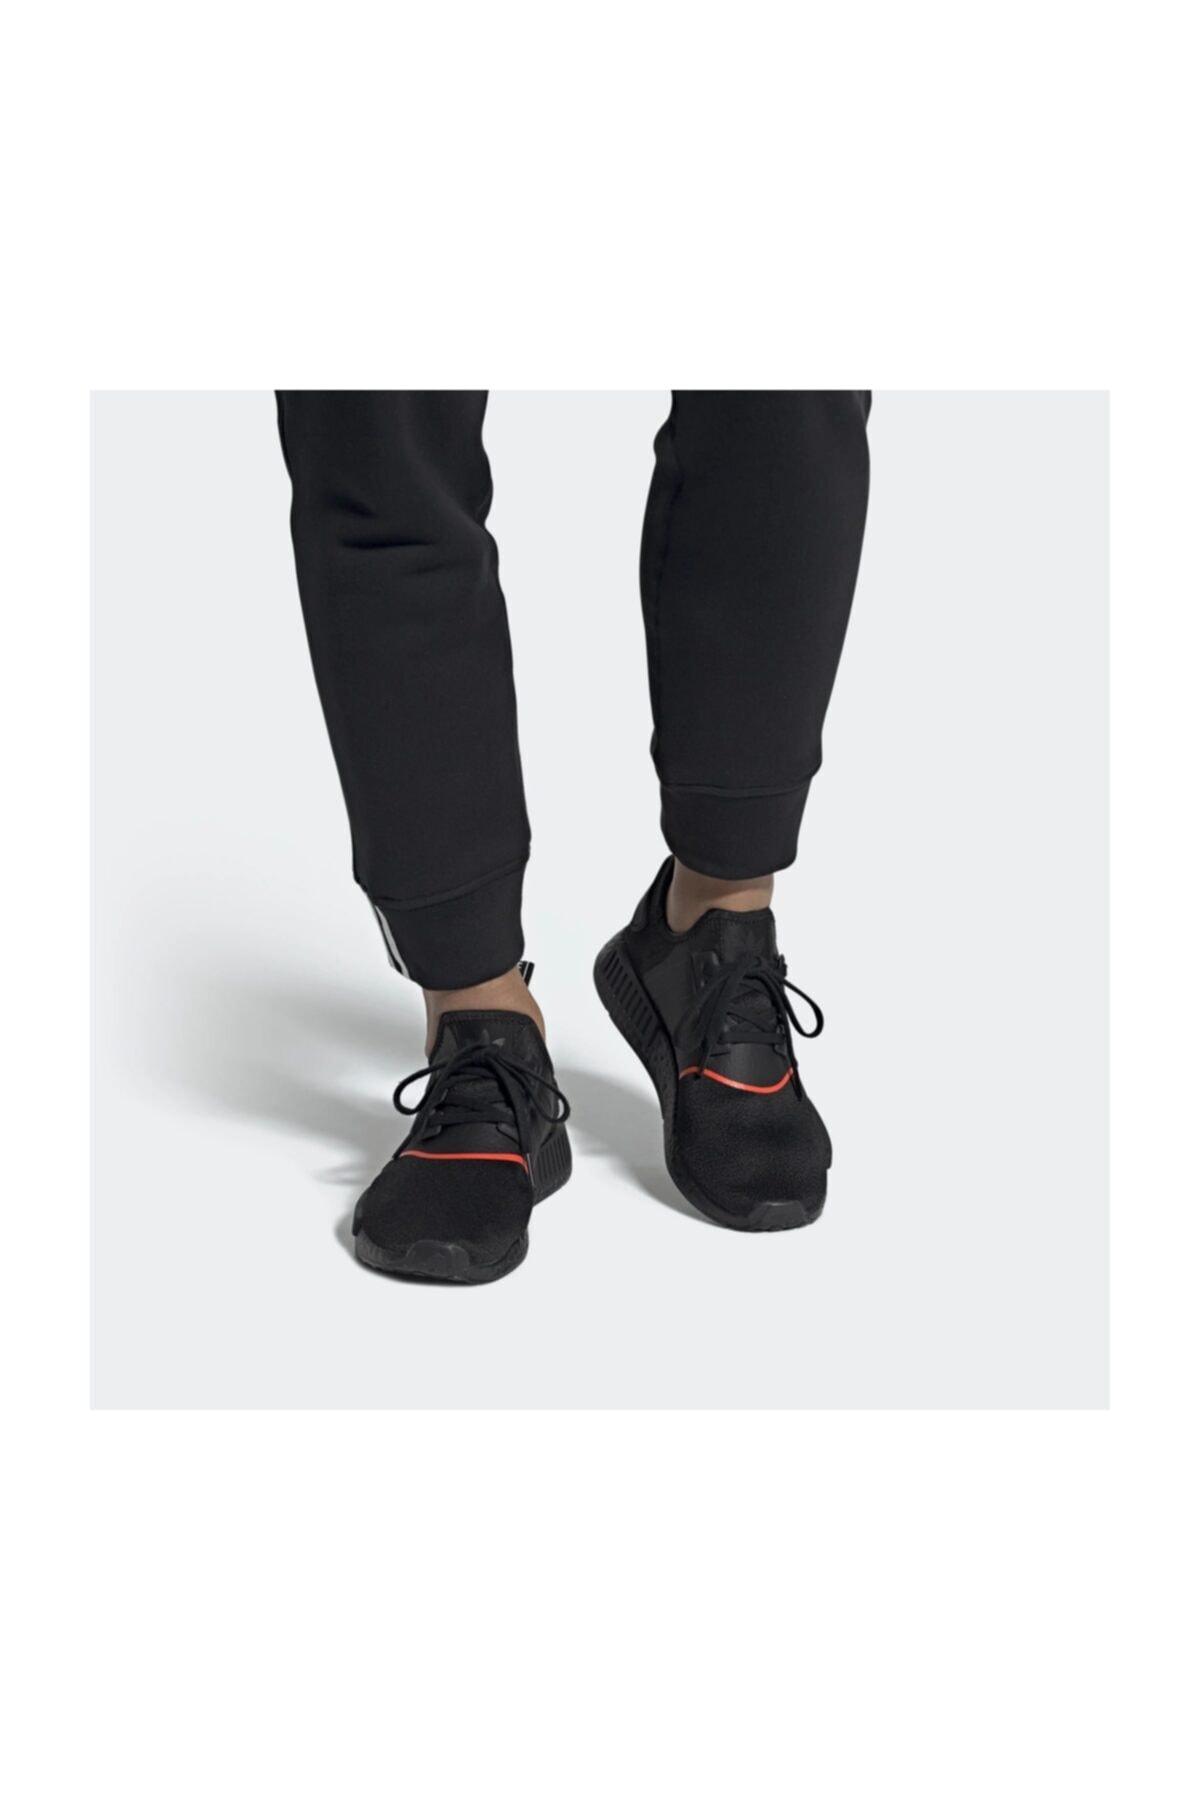 adidas Nmd R1 Kadın Günlük Spor Ayakkabı 2